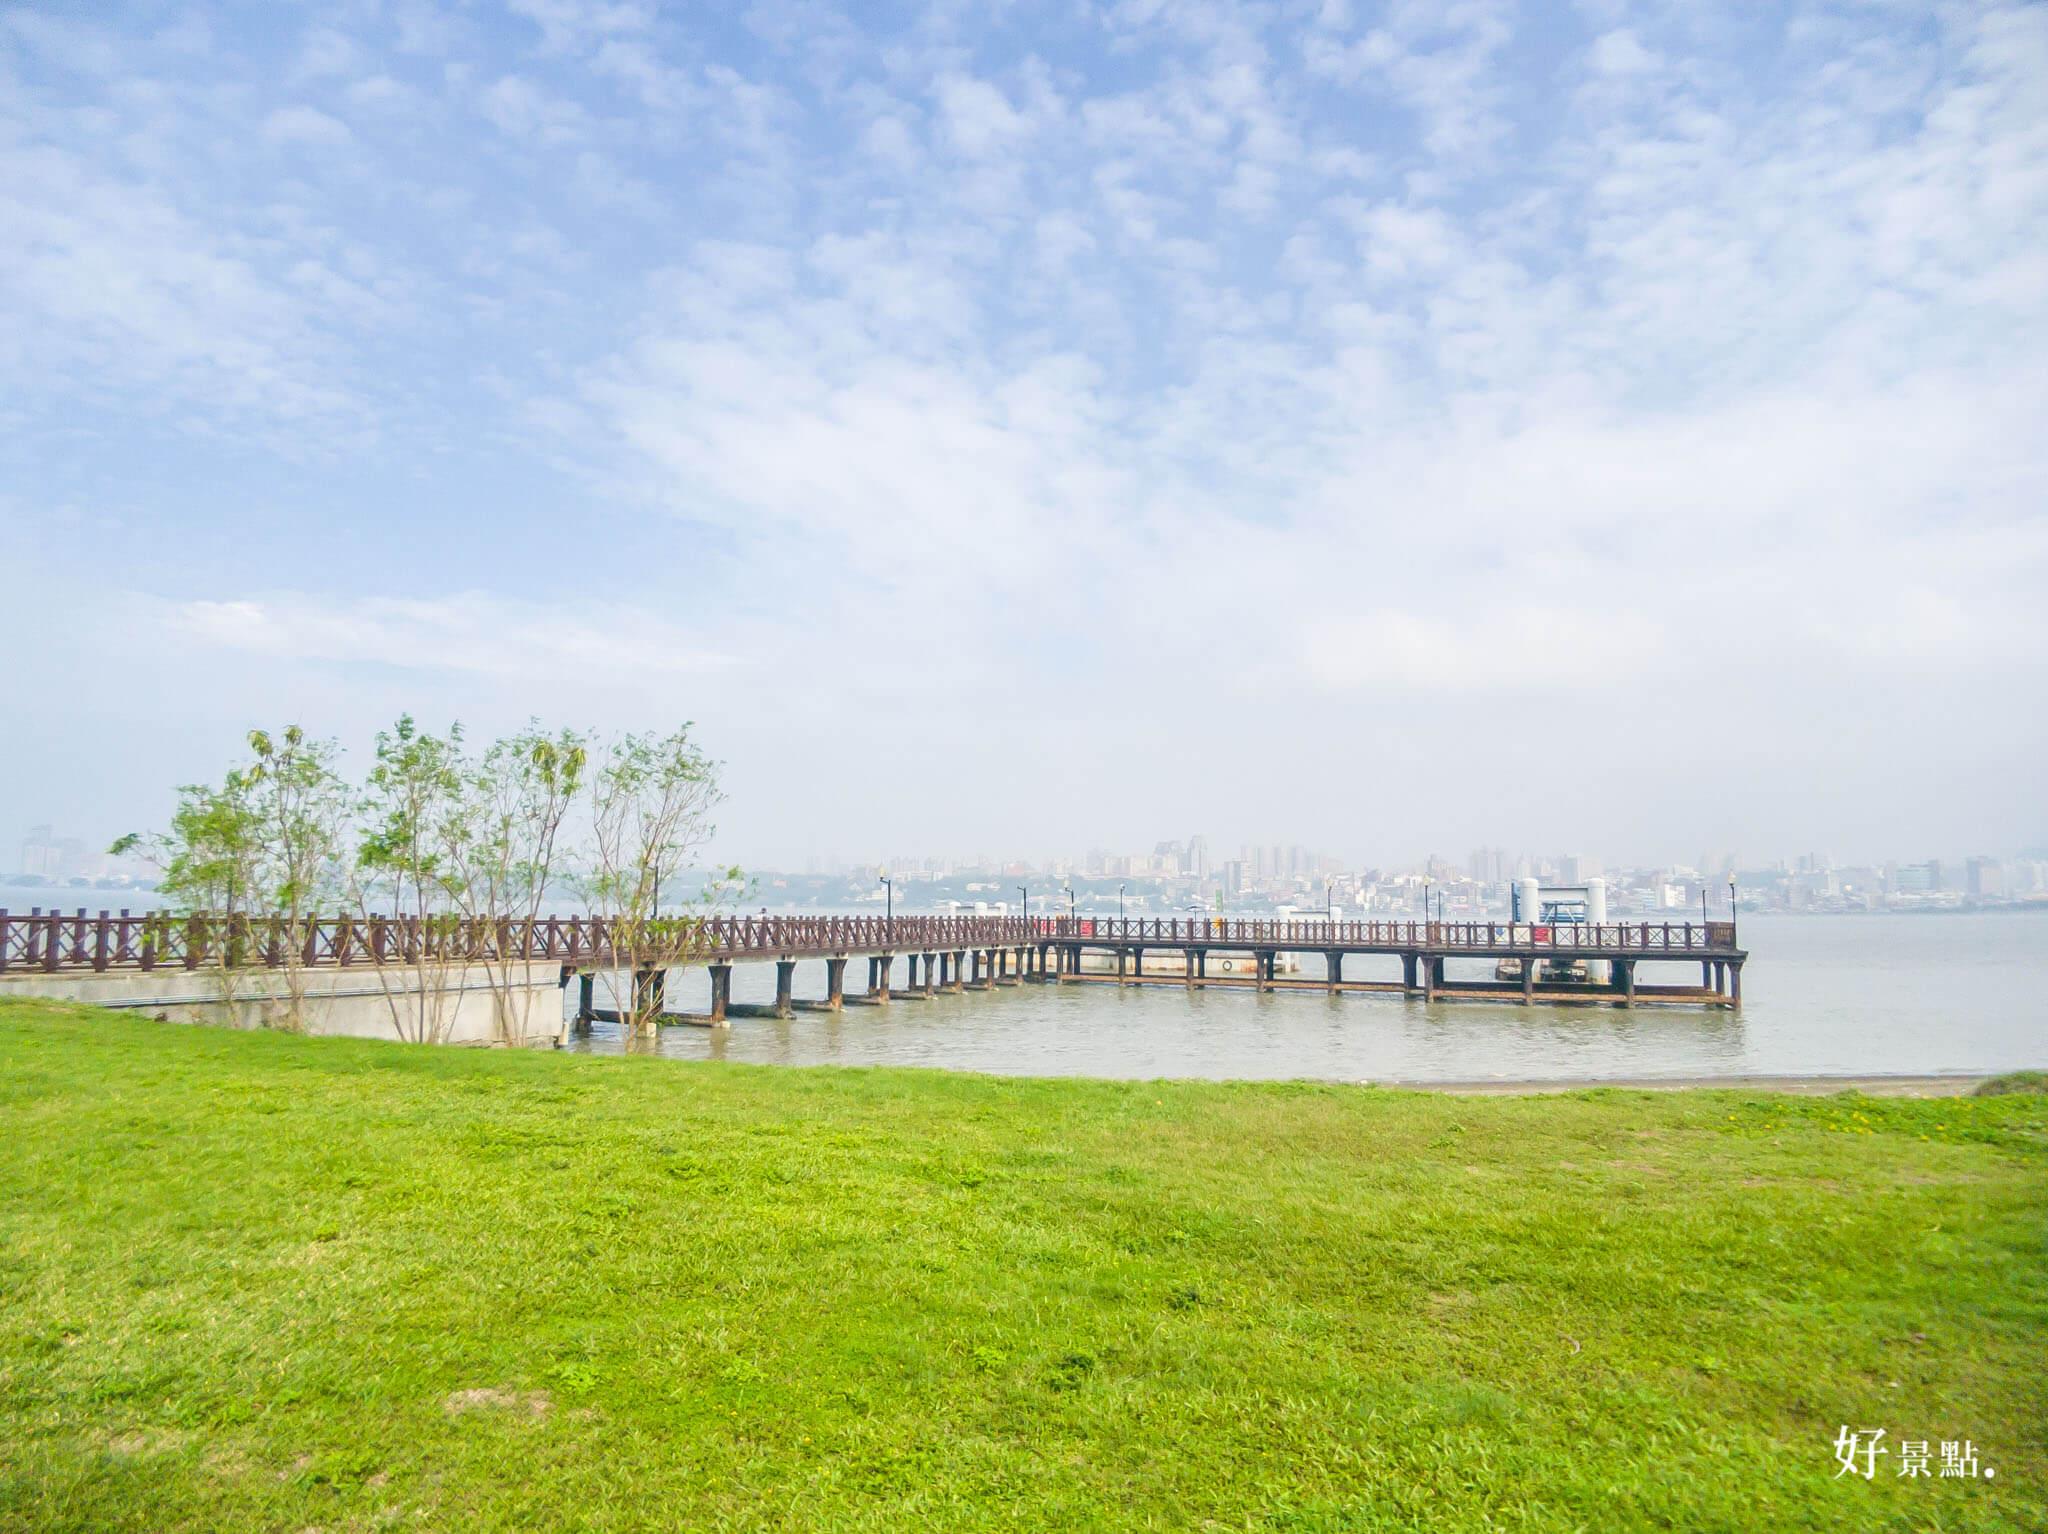 |新北。八里|2017八里沙雕藝術裝置展-到八里看沙雕、河邊散步、吃美食